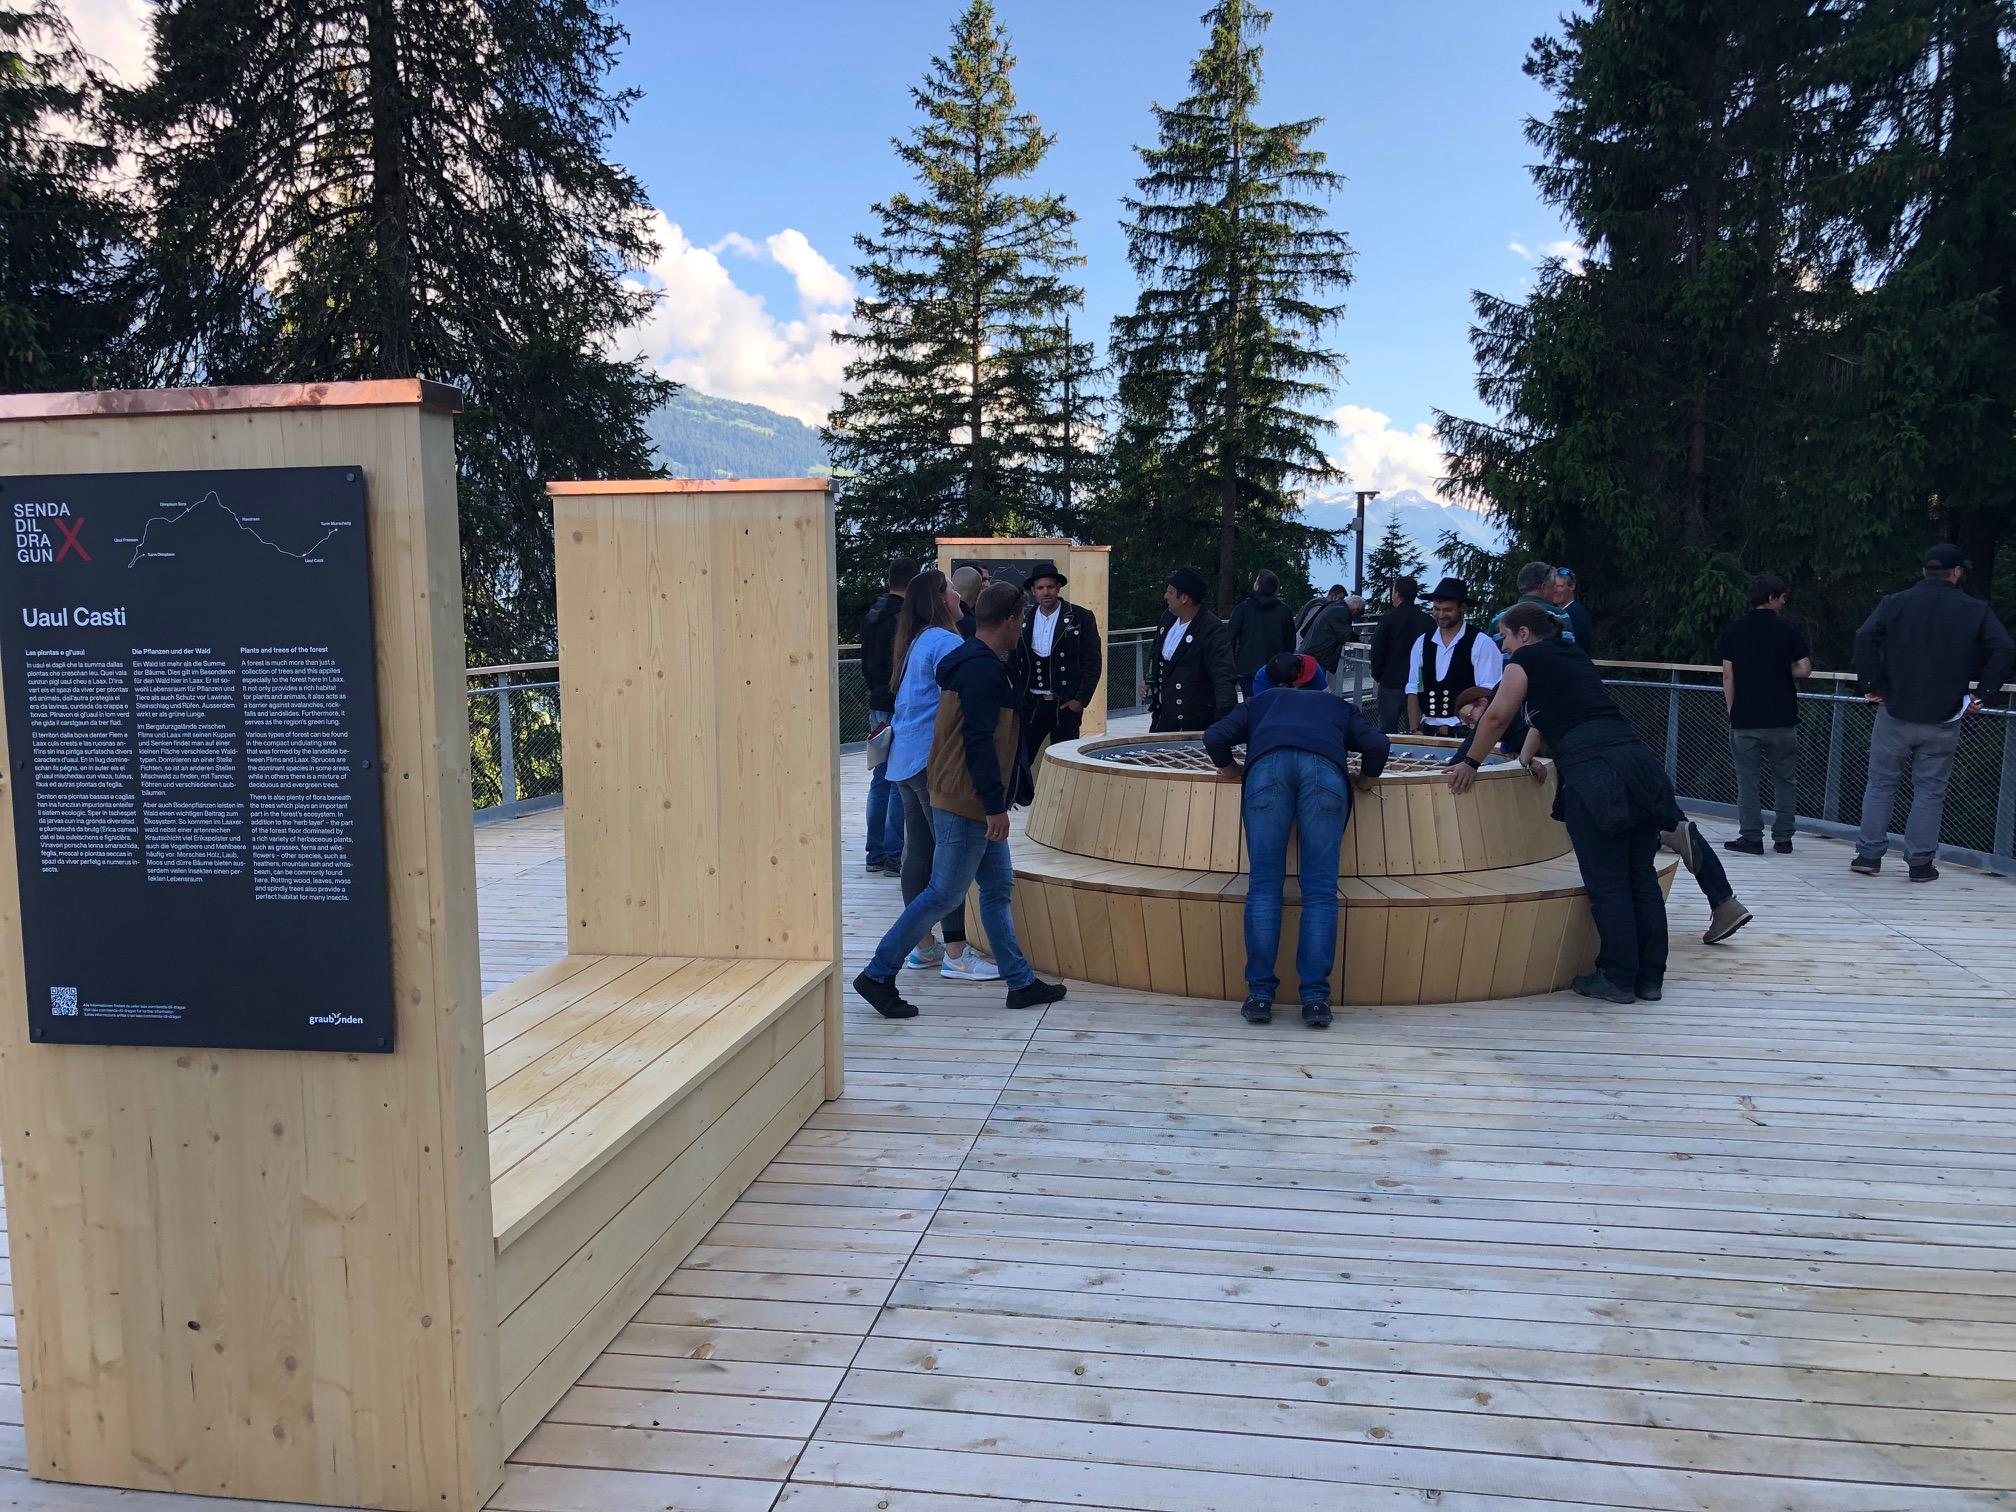 Die Aussichtsplattformen des Baumwipfelpfad Laax mit interessanten Erklärungen zur lokalen, alpinen Fauna und Flora